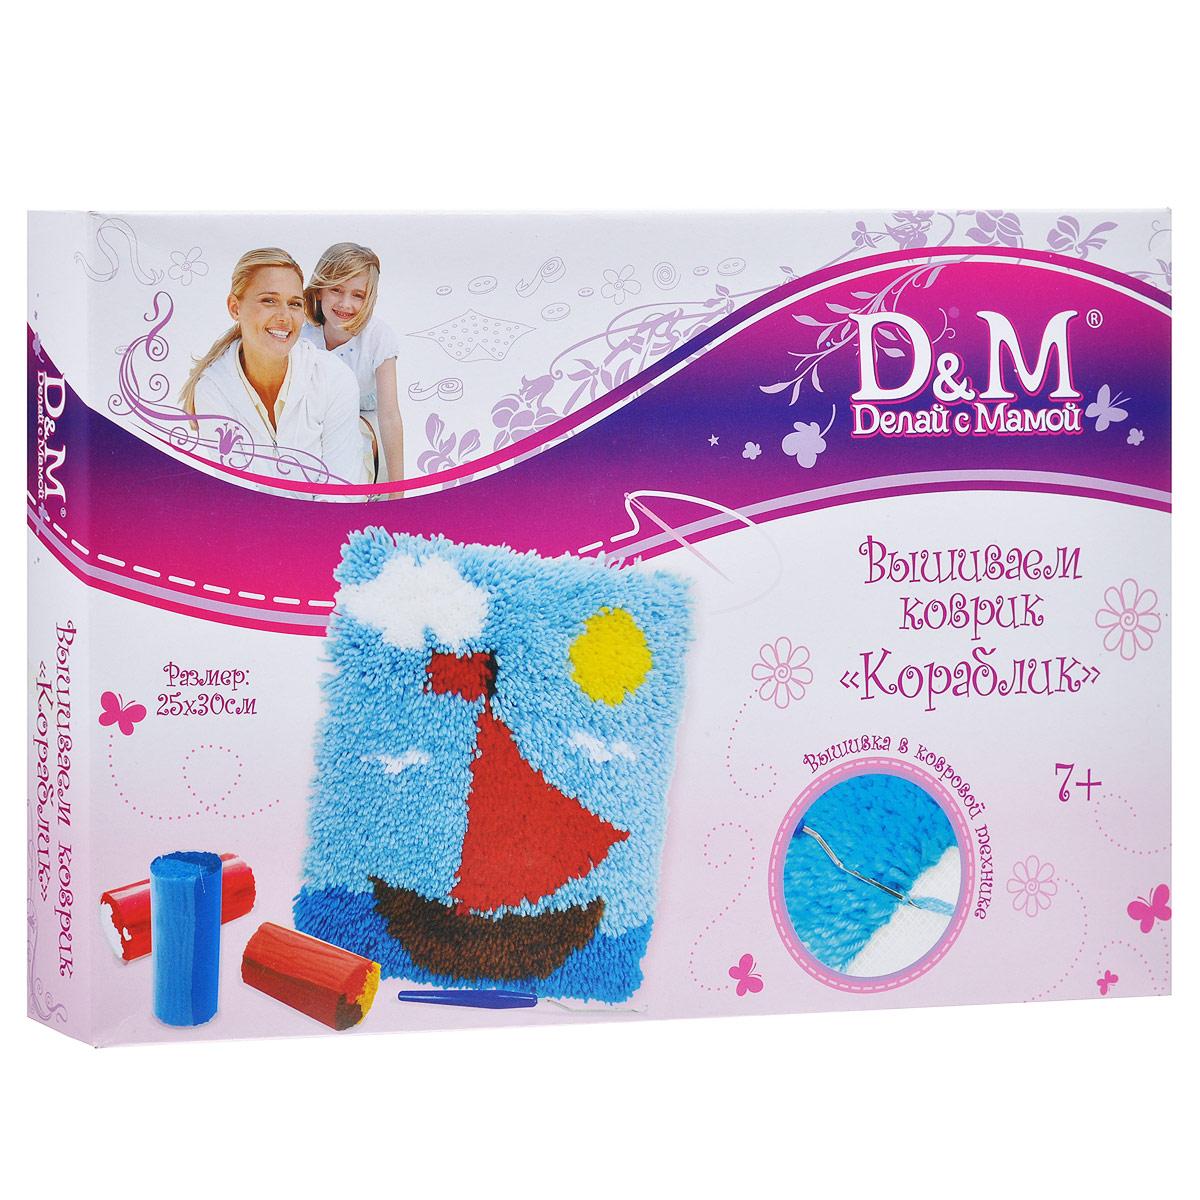 """Набор D&M """"Кораблик"""" позволит вам и вашему ребенку создать пушистый красочный коврик с изображением кораблика с красным парусом. В набор входит все для этого необходимое: крючок для ковровой техники, нарезанная акриловая пряжа, жесткая канва и инструкция на русском языке со схемой вышивки. Получившийся коврик станет оригинальным украшением детской комнаты или превосходным подарком друзьям и близким. Яркие цвета коврика поднимут настроение любому!"""